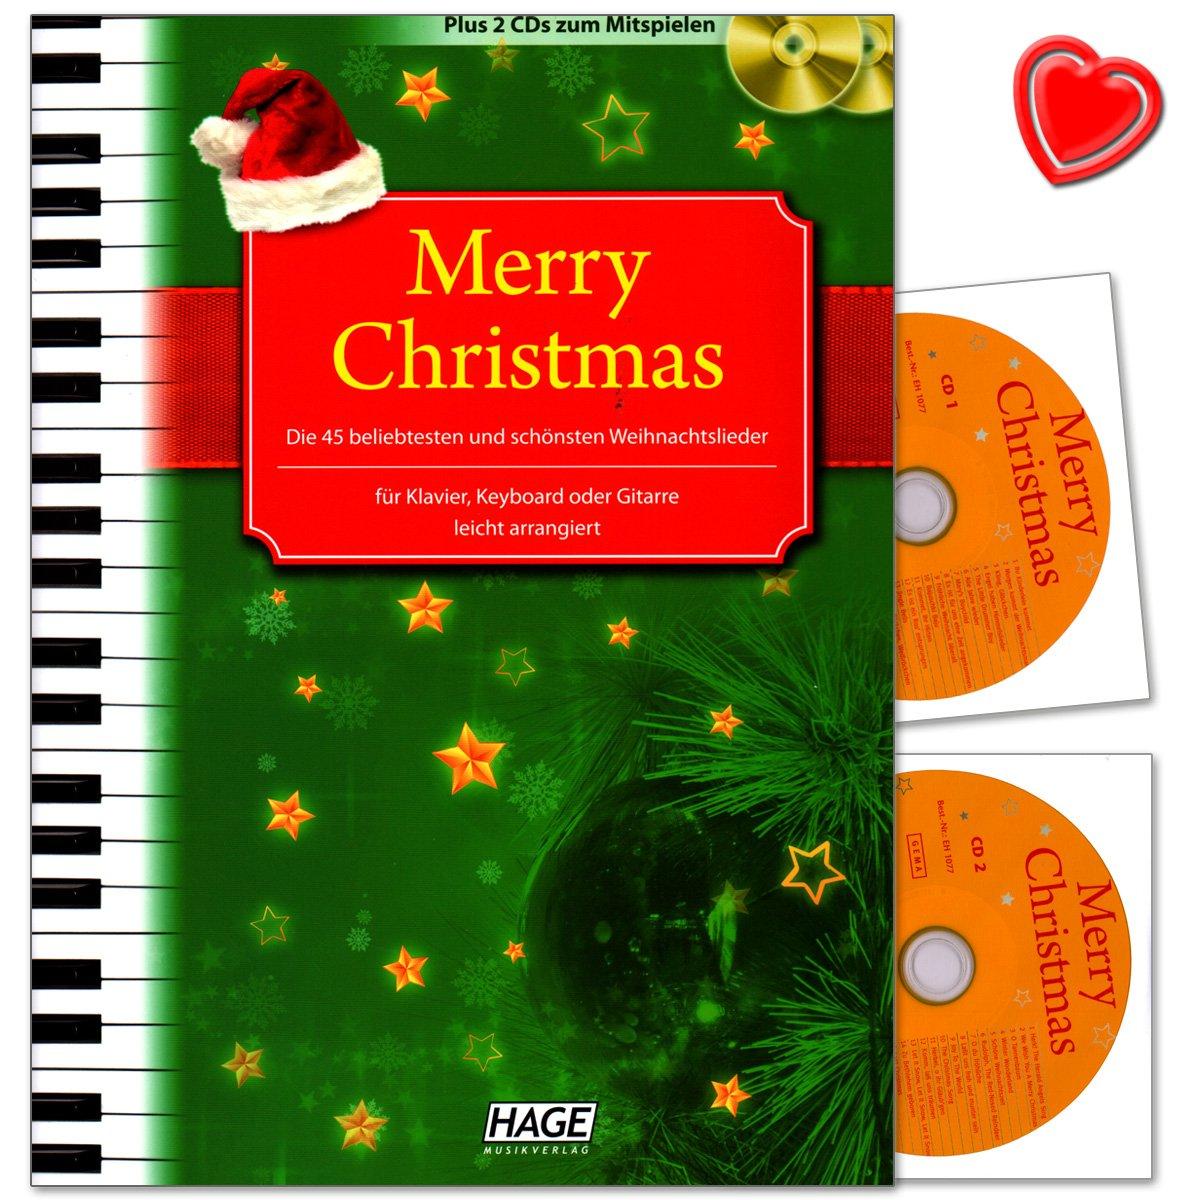 Merry Christmas! - 45 beliebtesten und schönsten Weihnachtslieder ...